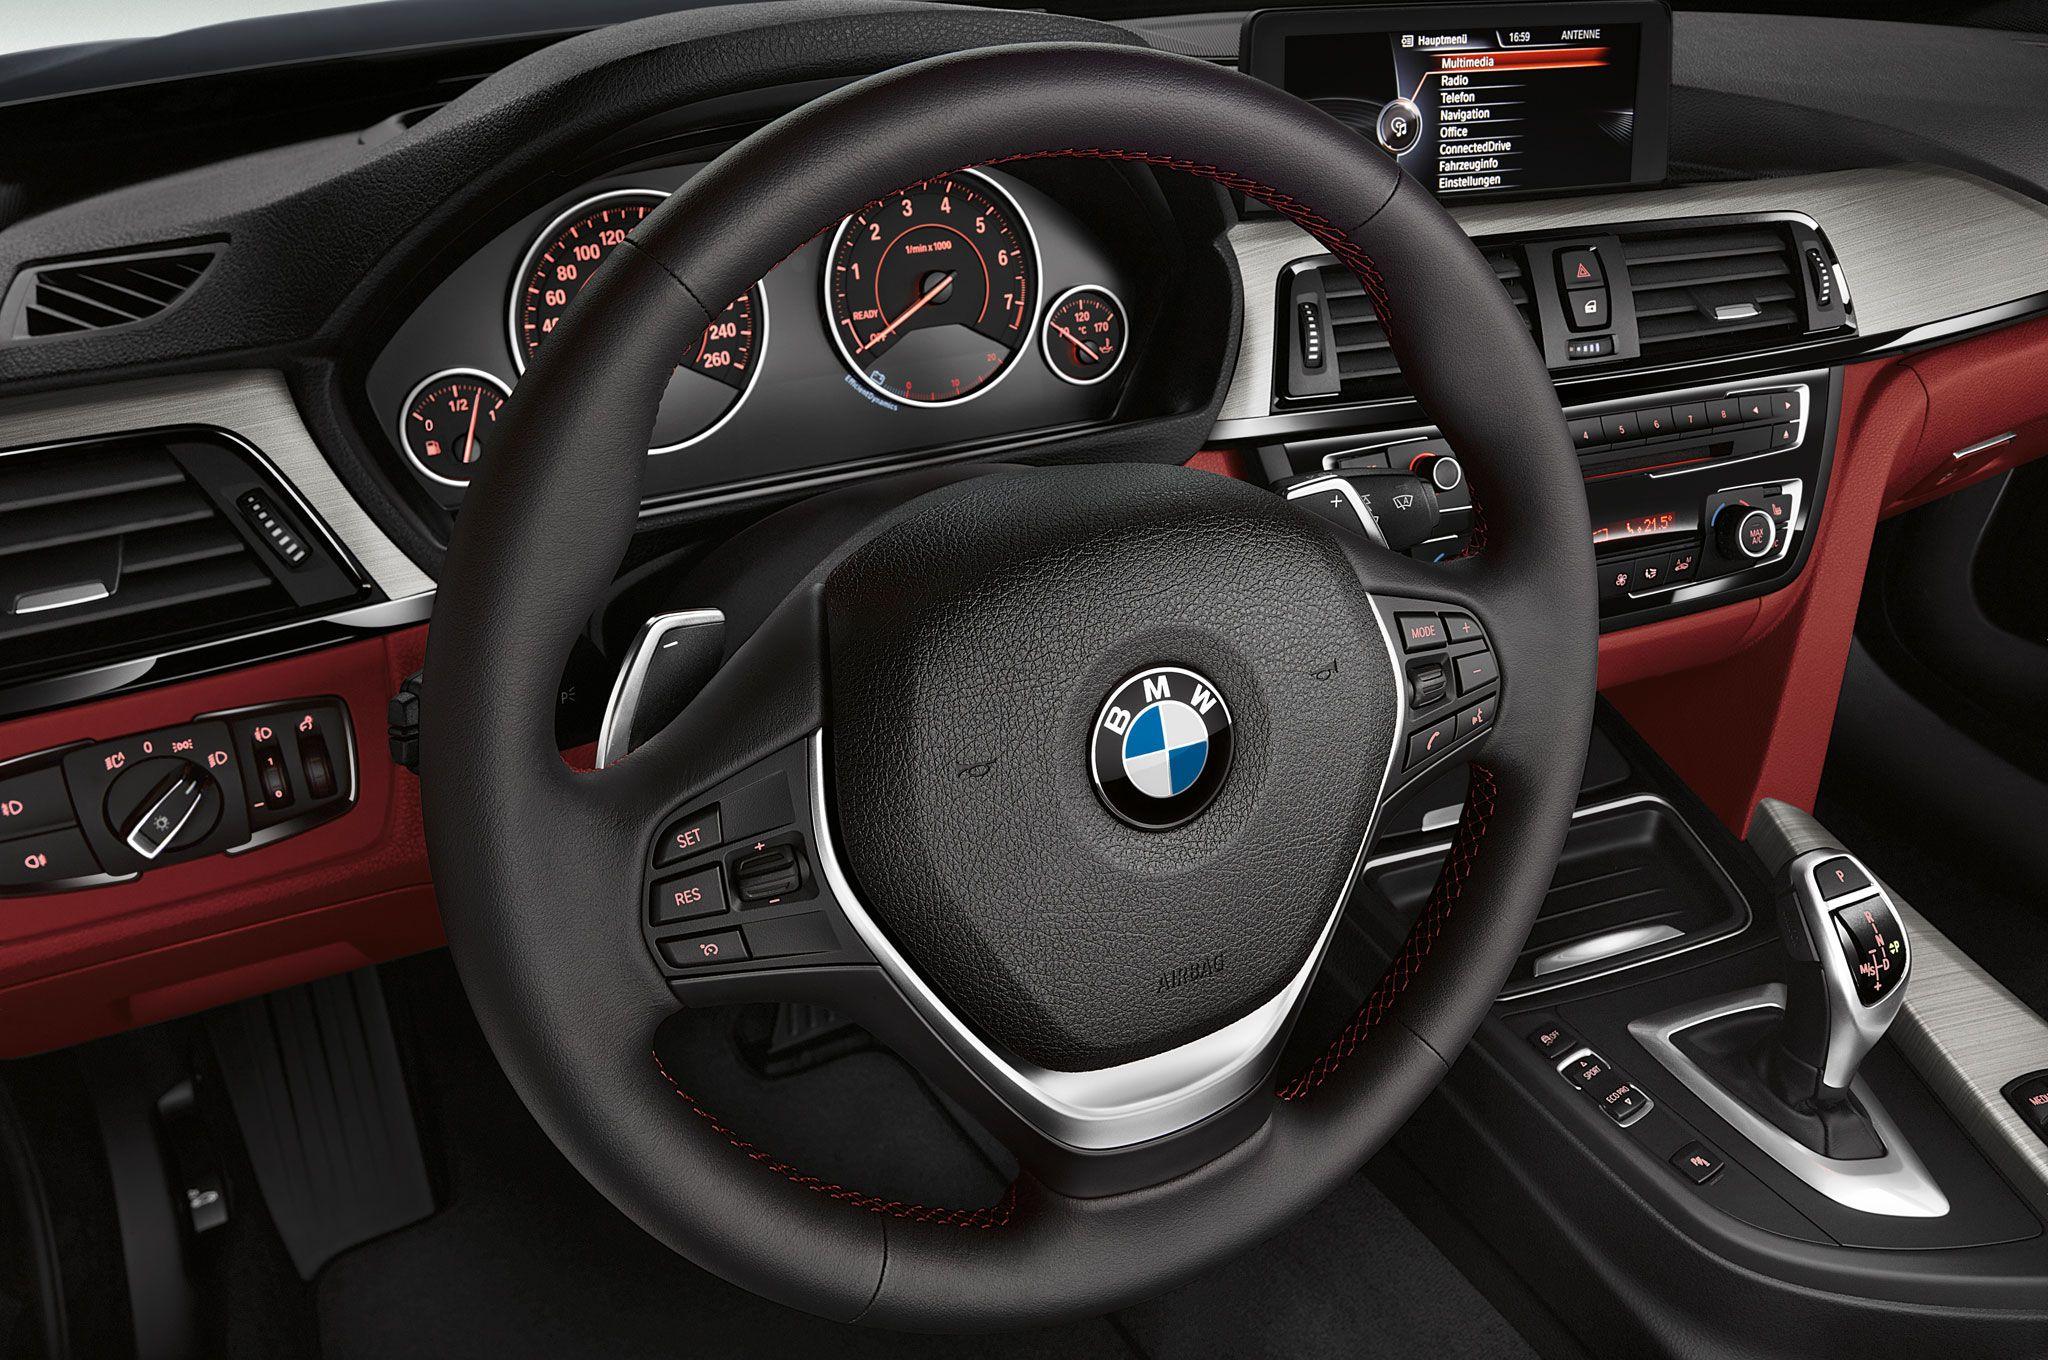 2014 bmw 4 series steering wheel